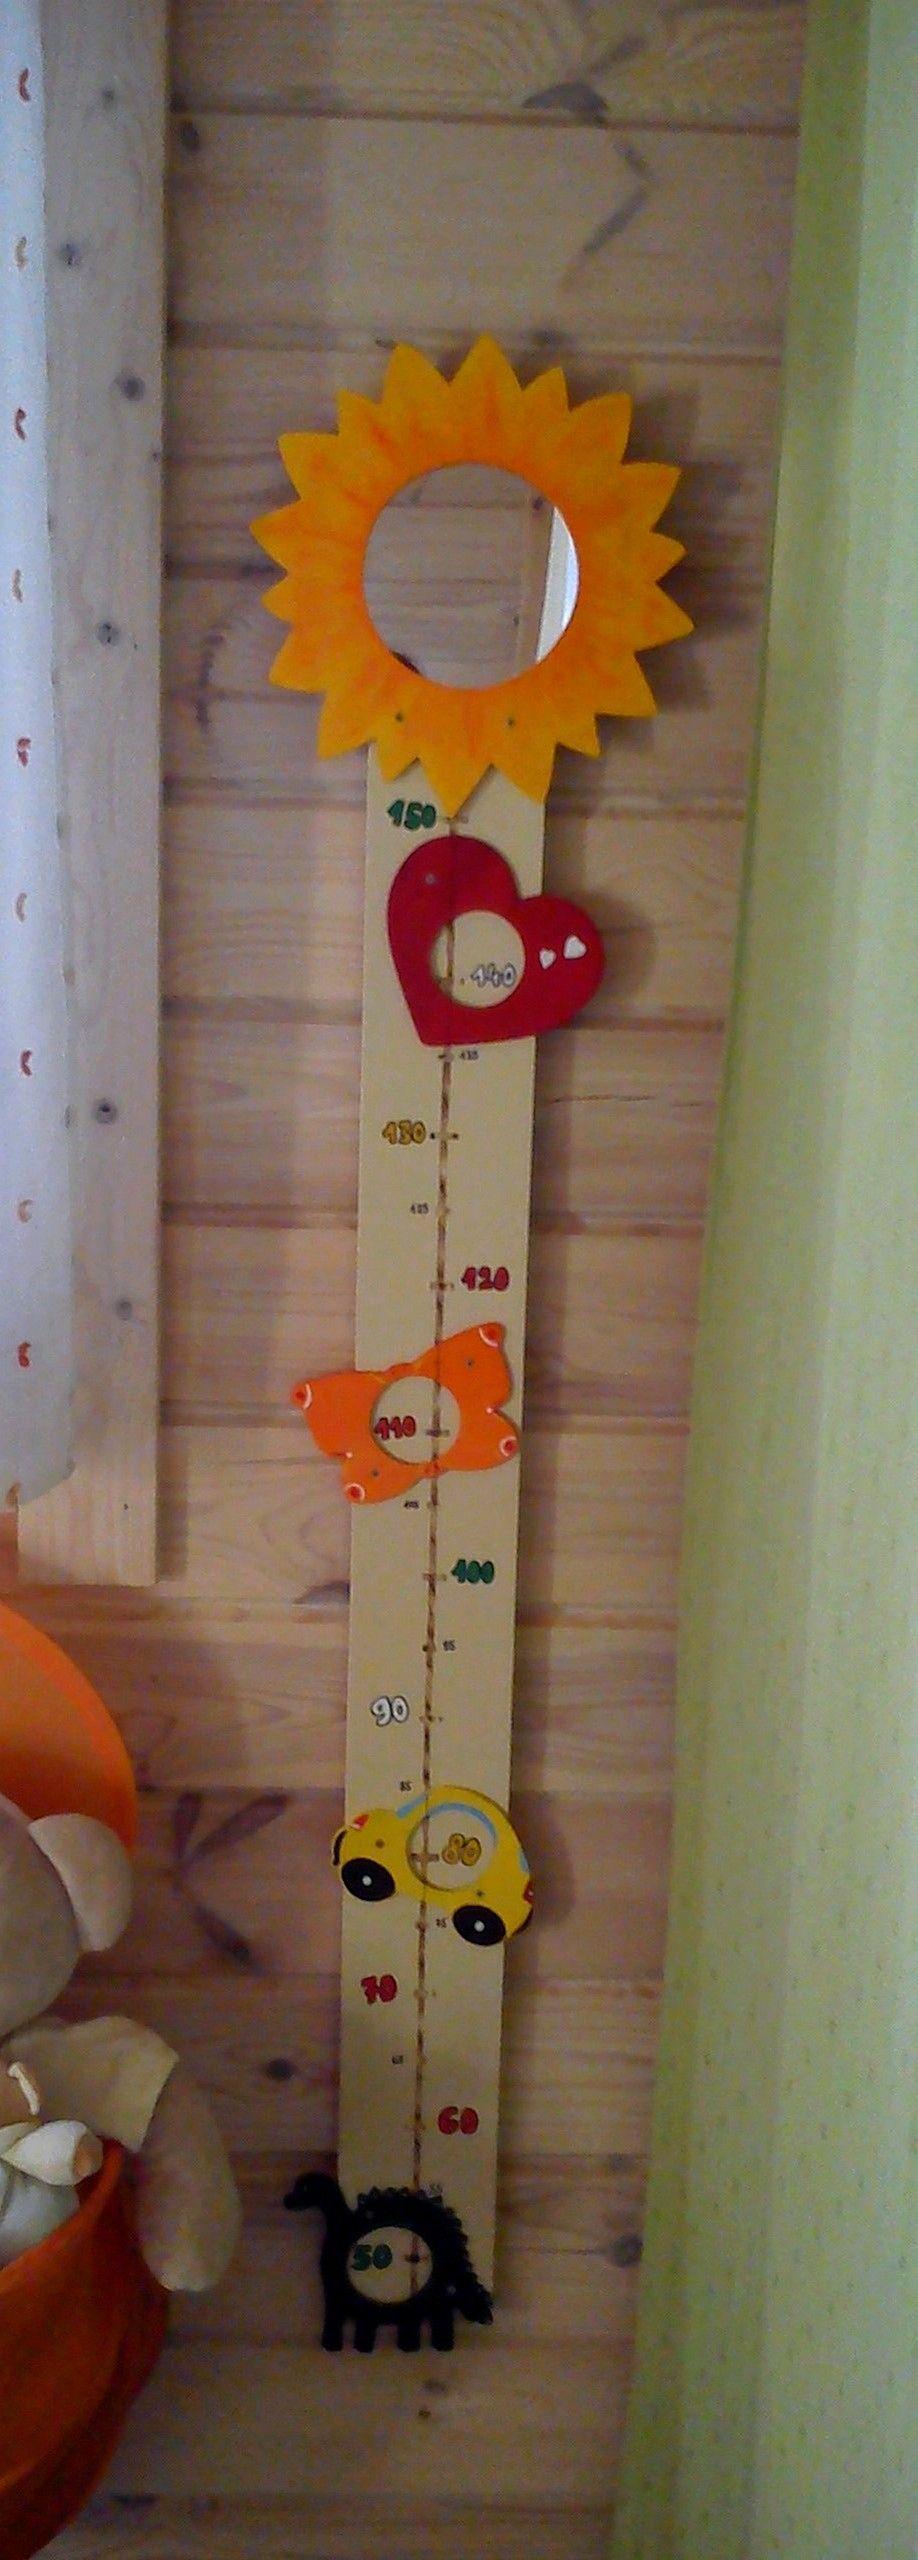 toise fabrique avec une planche de bois objets en bois dcorer miroir - Objets Bois A Decorer